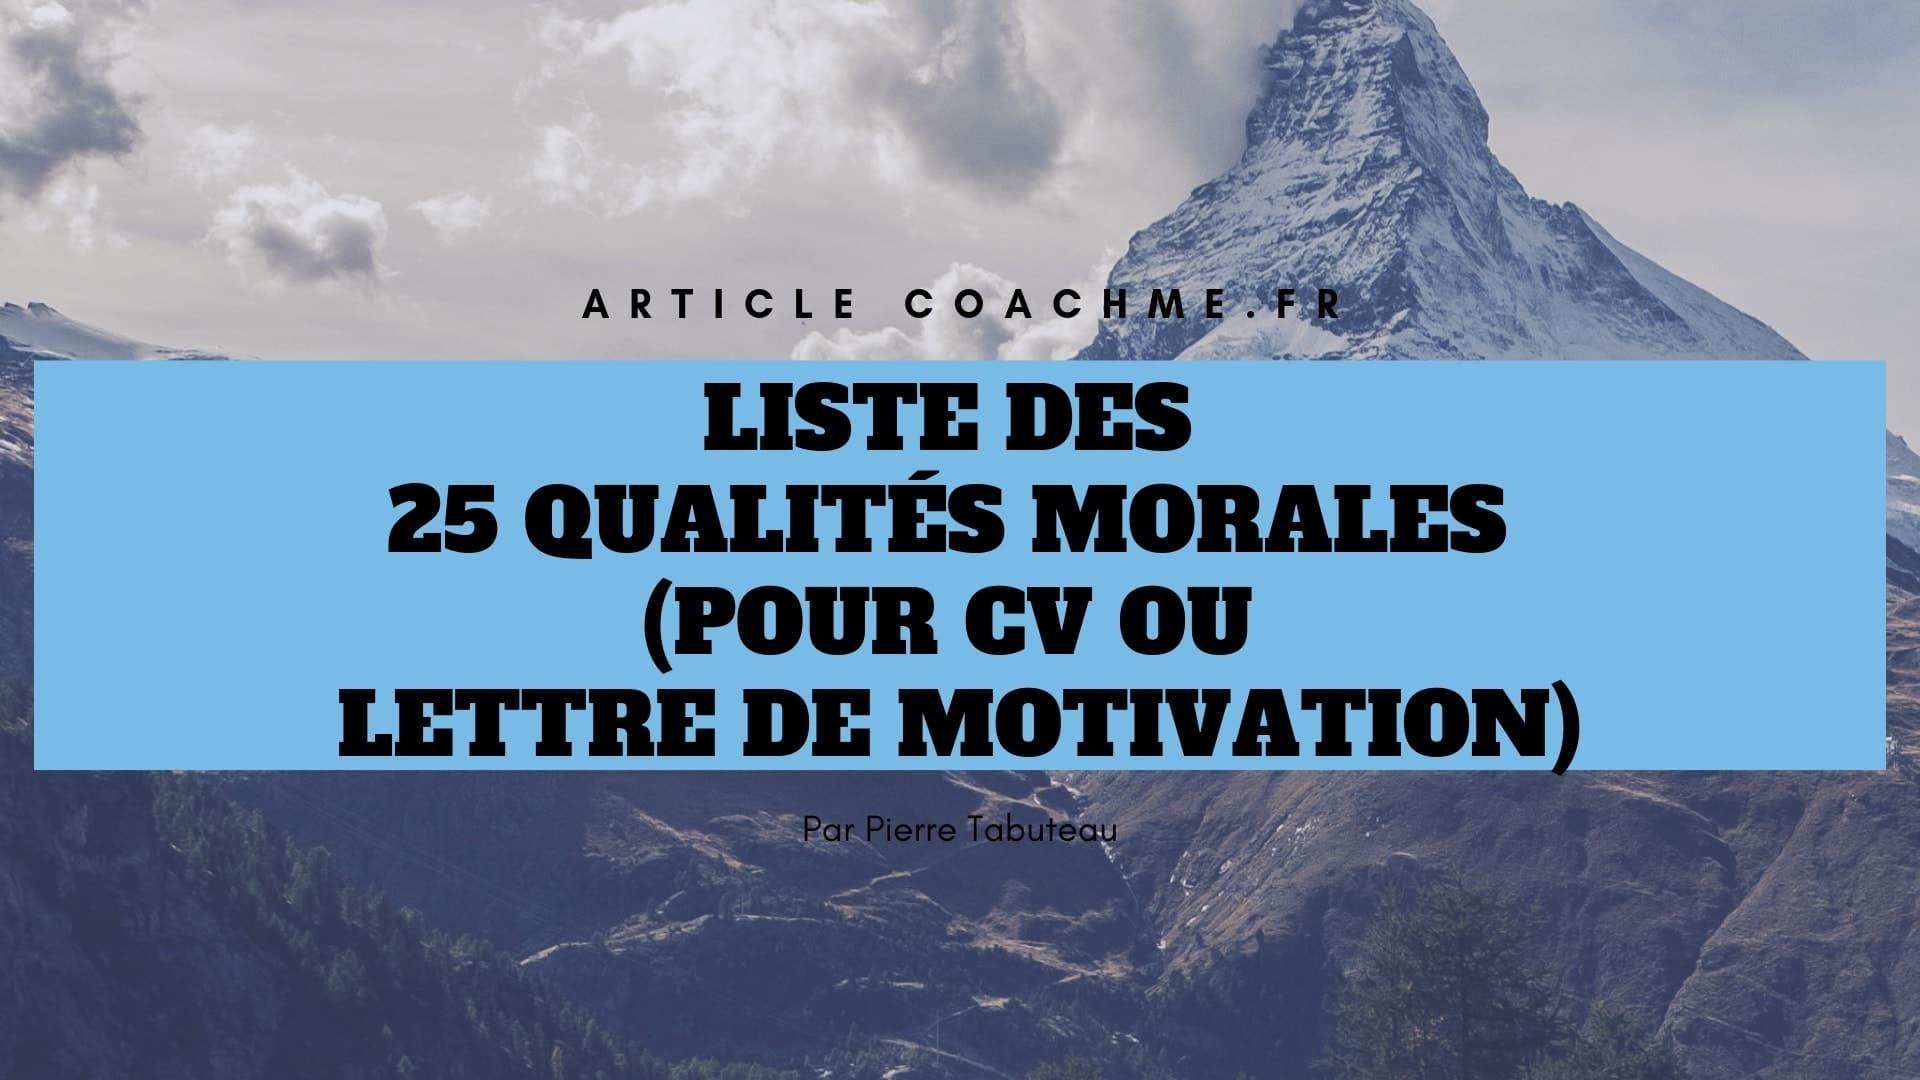 liste des 25 qualit u00e9s morales  pour cv ou lettre de motivation